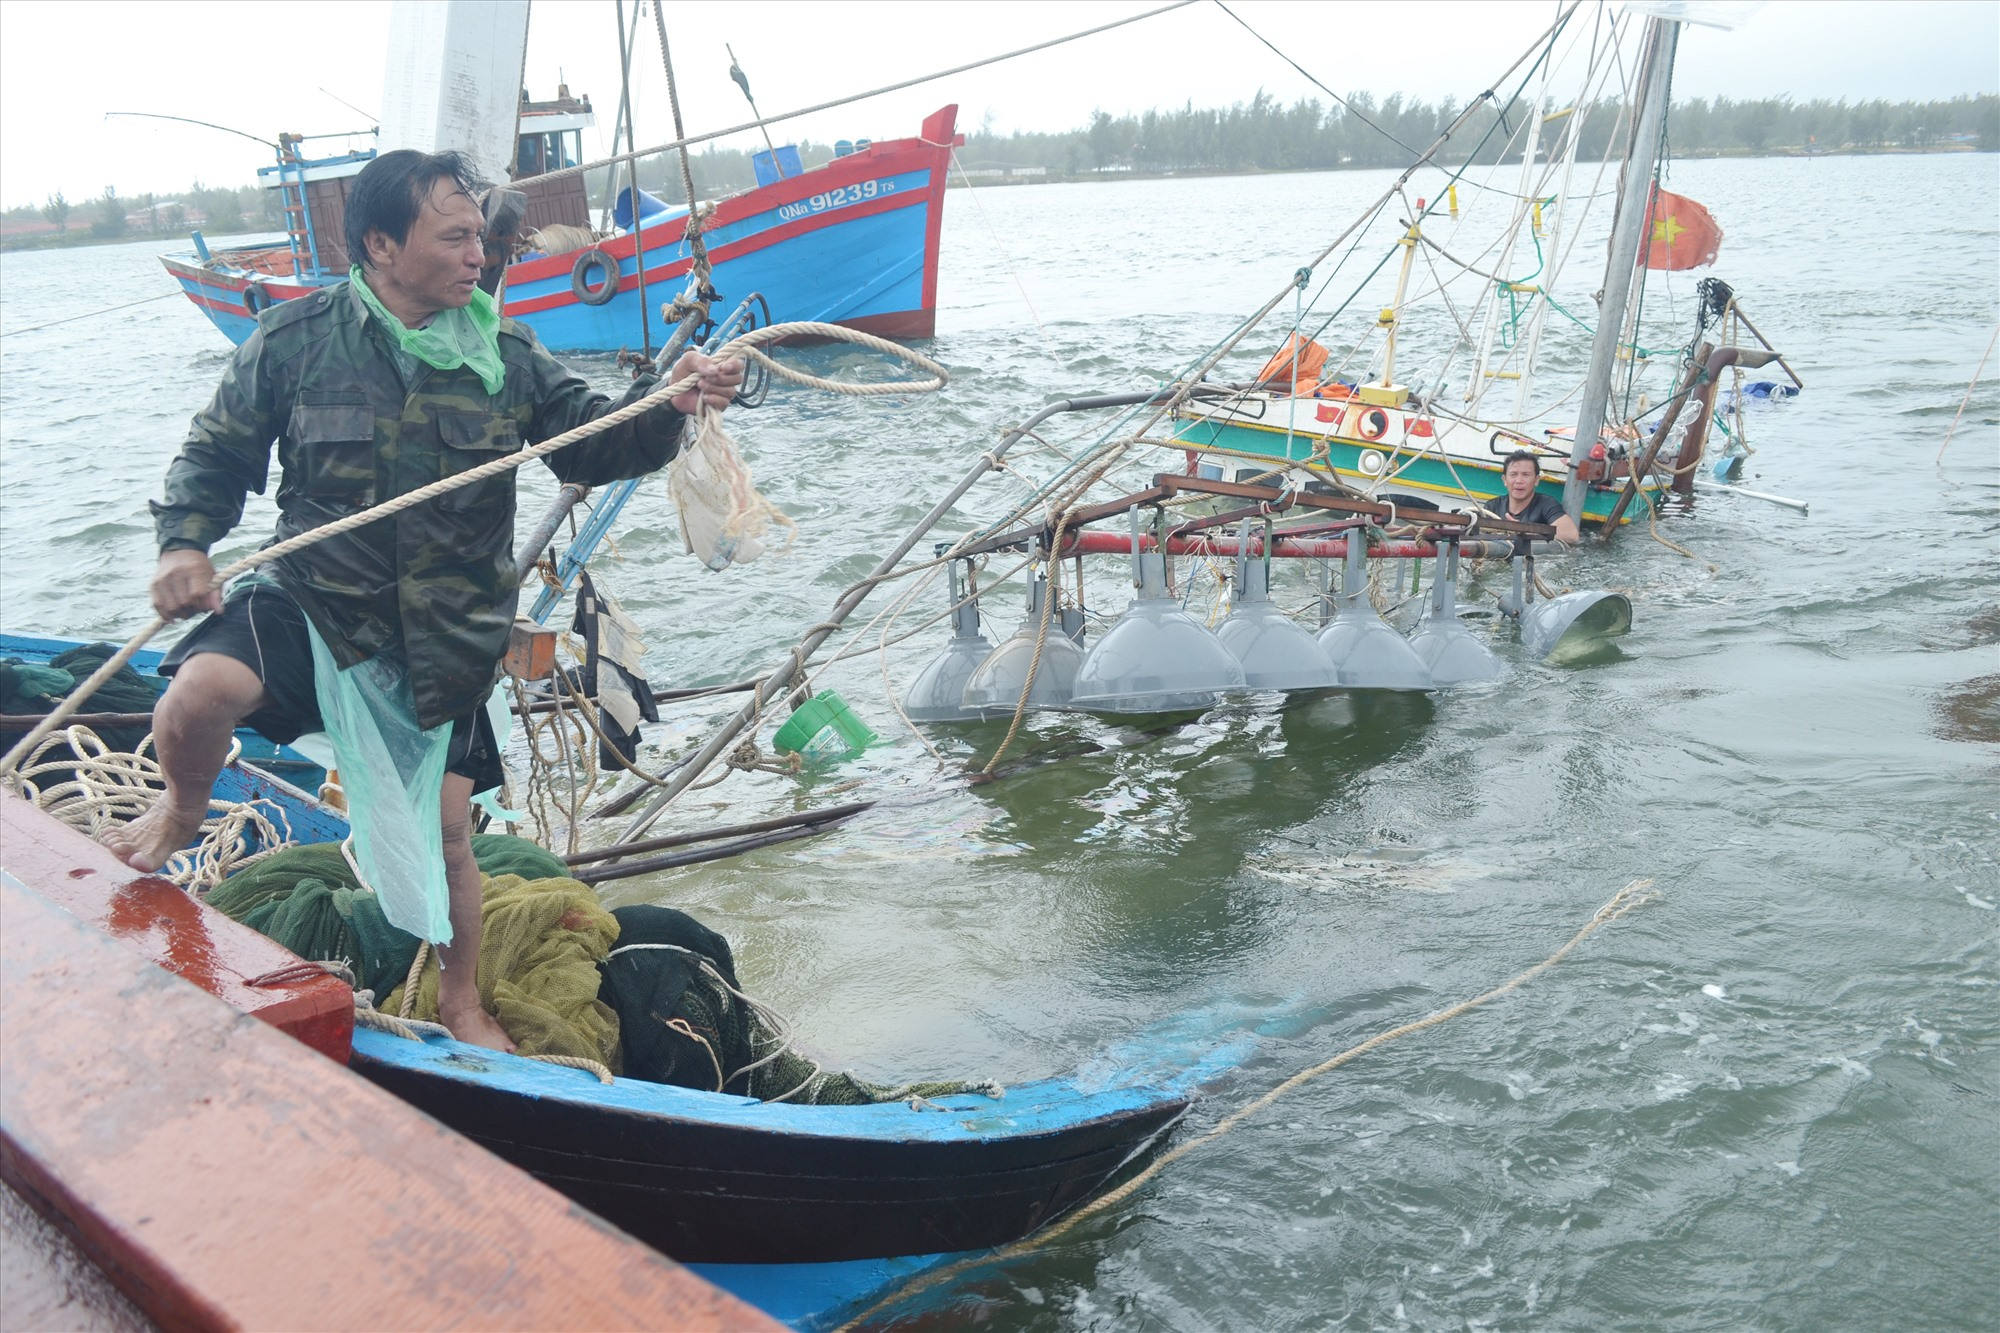 Từ đầu năm đến nay, nhiều vụ tai nạn đáng tiếc đã xảy ra với tàu cá của tỉnh. Ảnh: VIỆT NGUYỄN